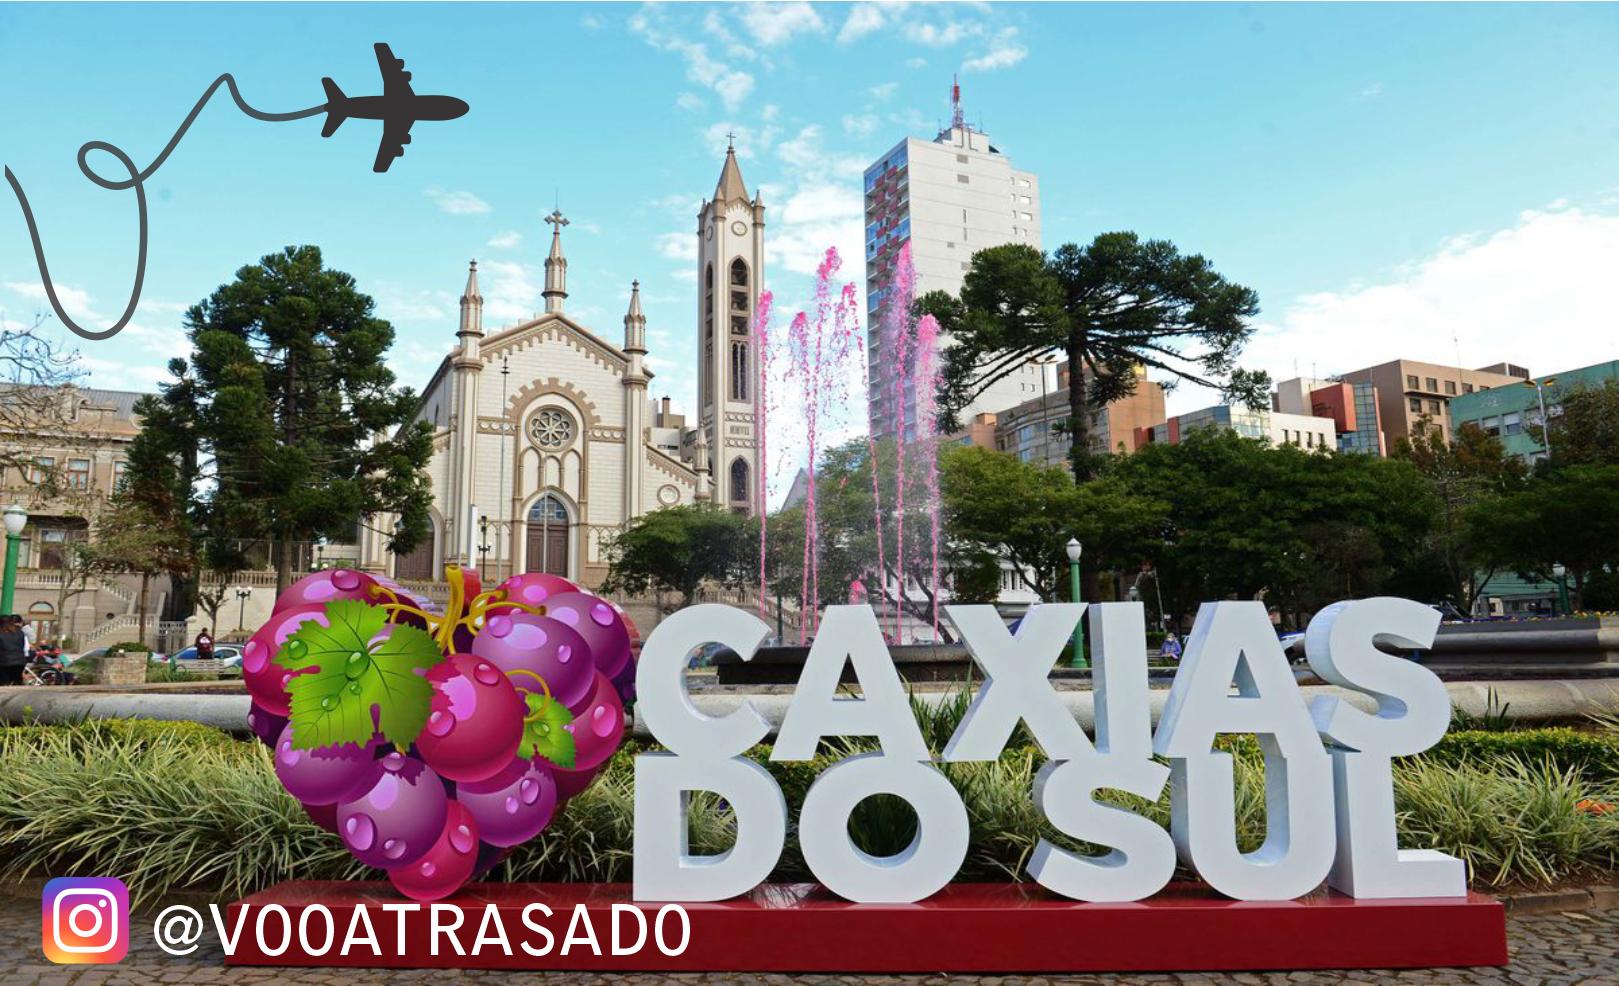 Empresa Voo Atrasado mediou acordo de R$ 4.100,00 para passageiro de Caxias do Sul - RS